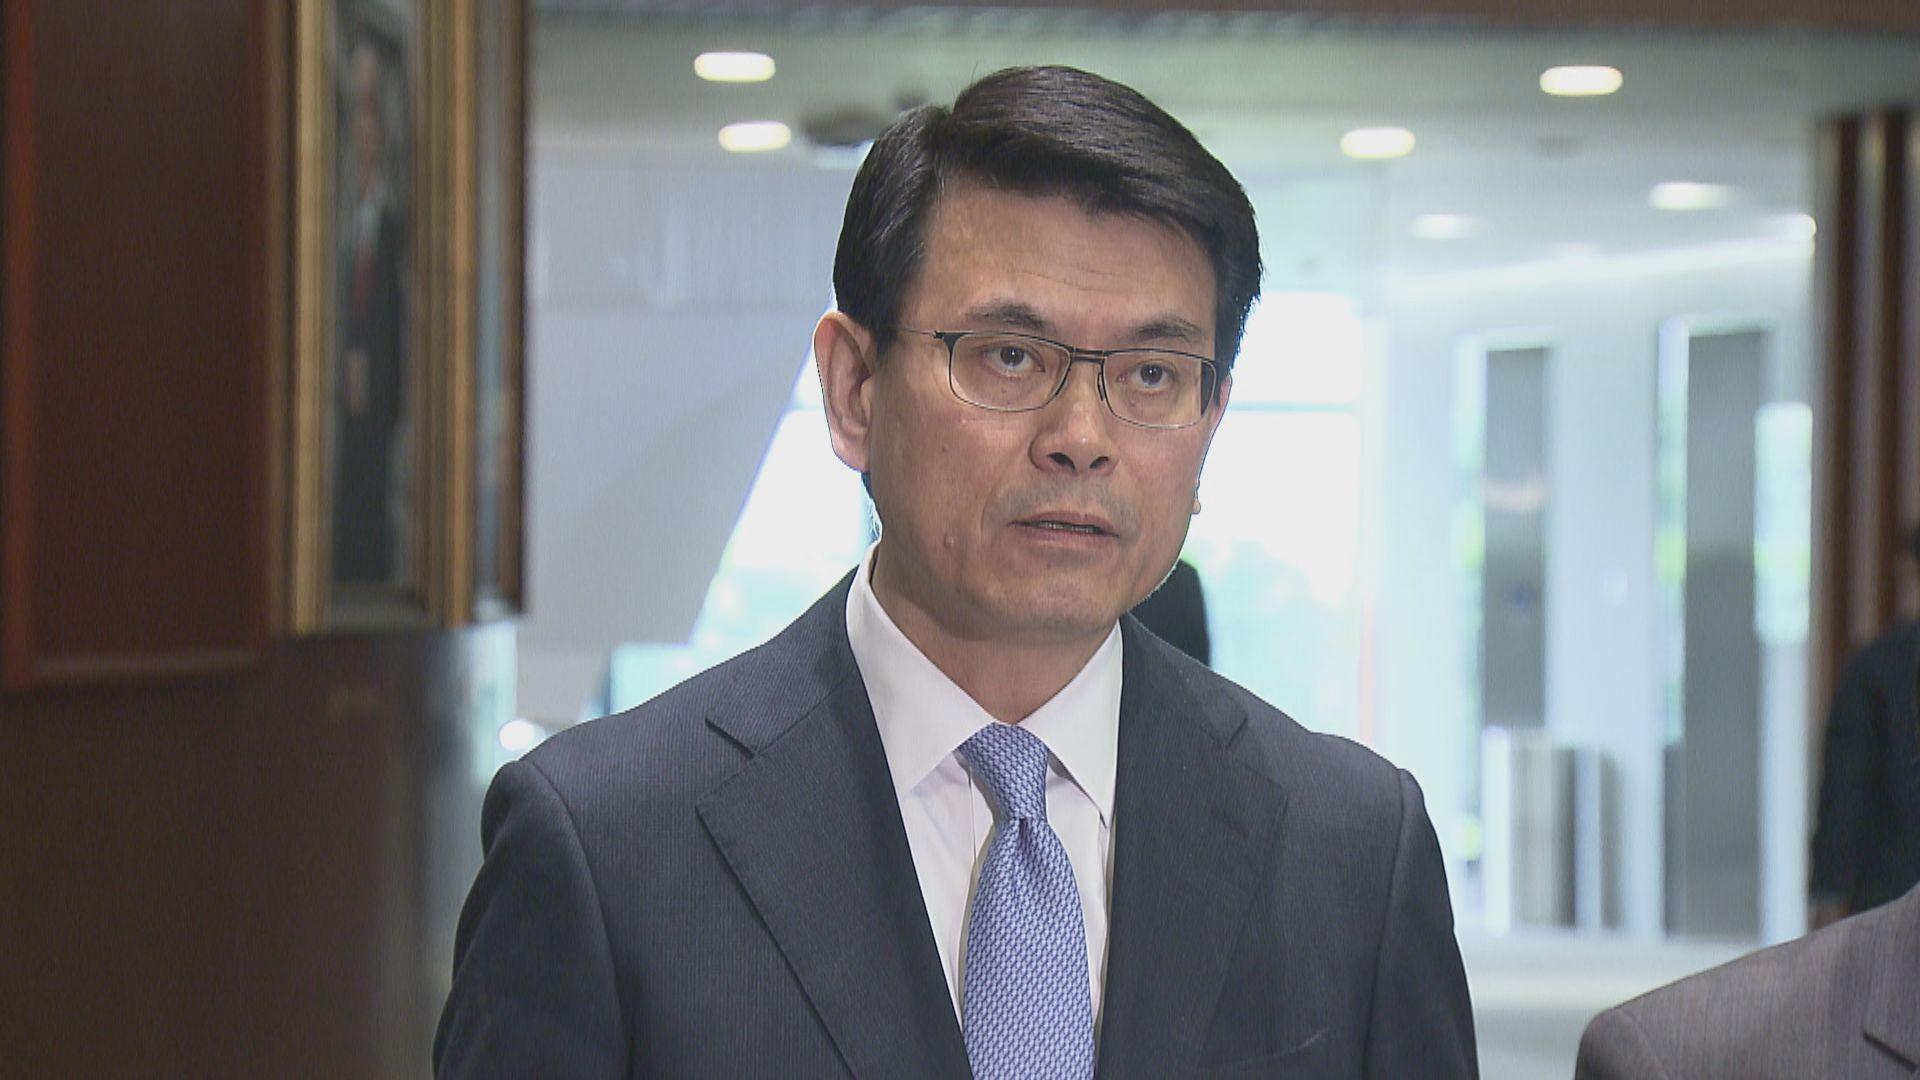 邱騰華:以人權法案改香港經貿地位將無視基本法